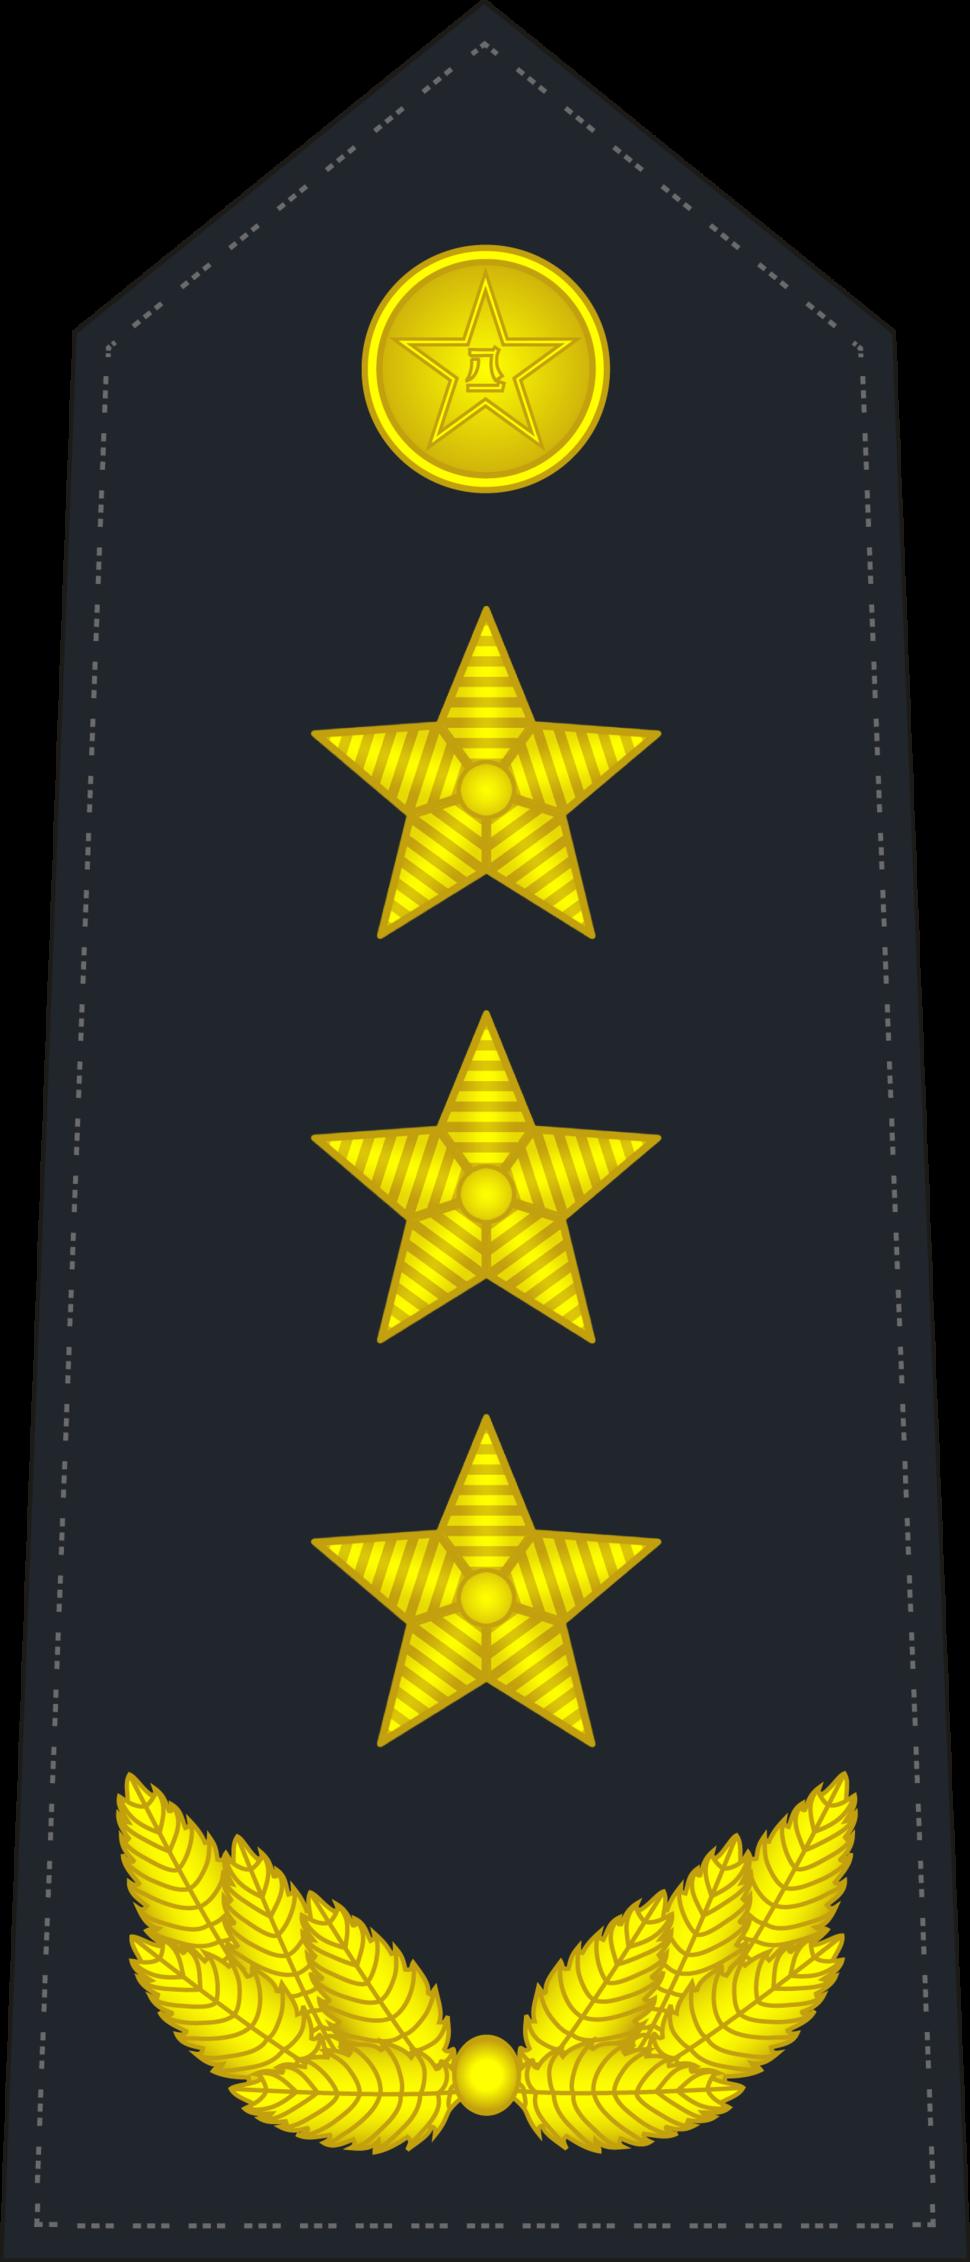 PLANF-0720-GEN